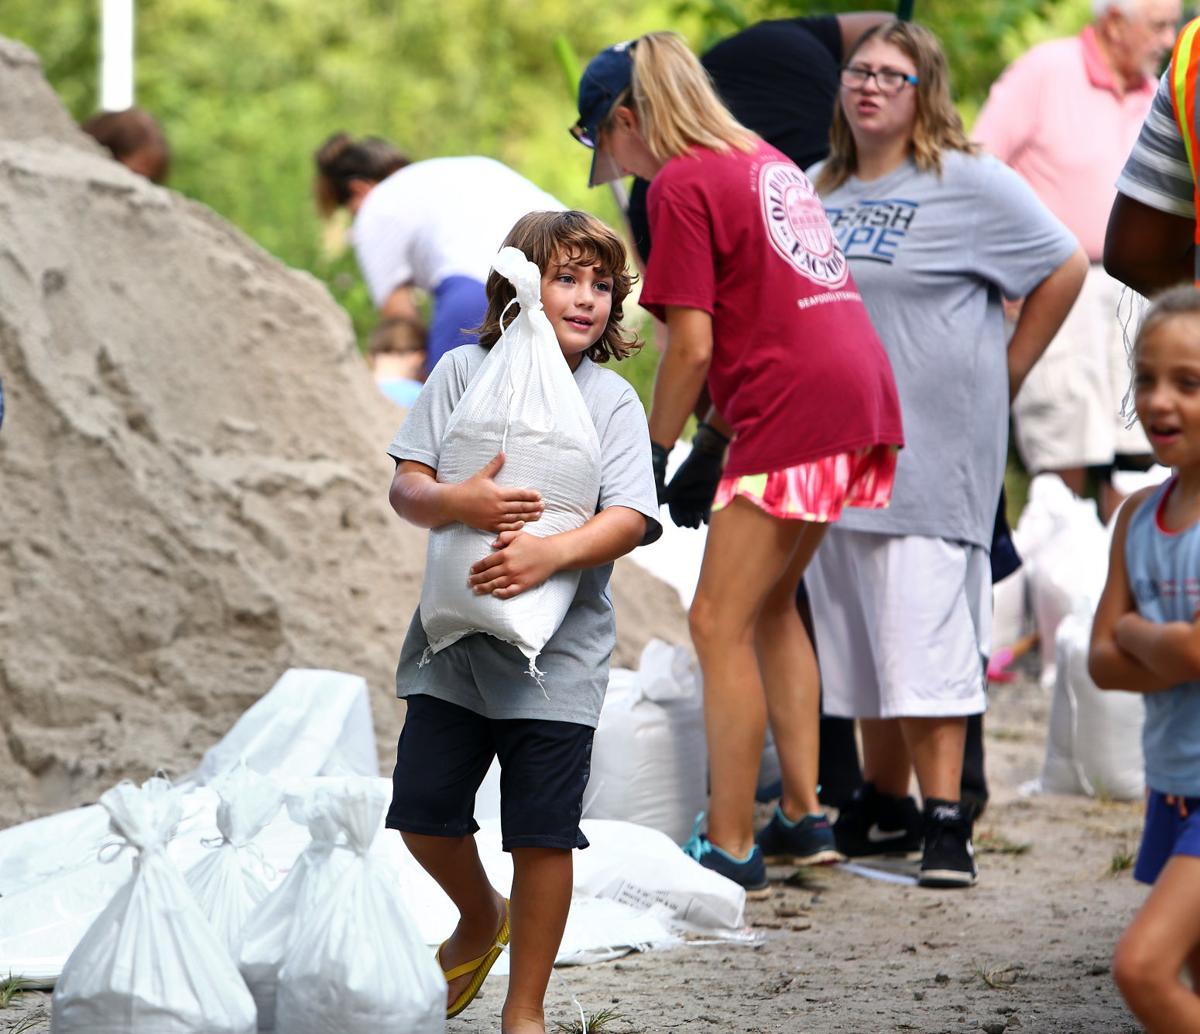 sandbags long Tues Hurricane Florence.jpg (copy)